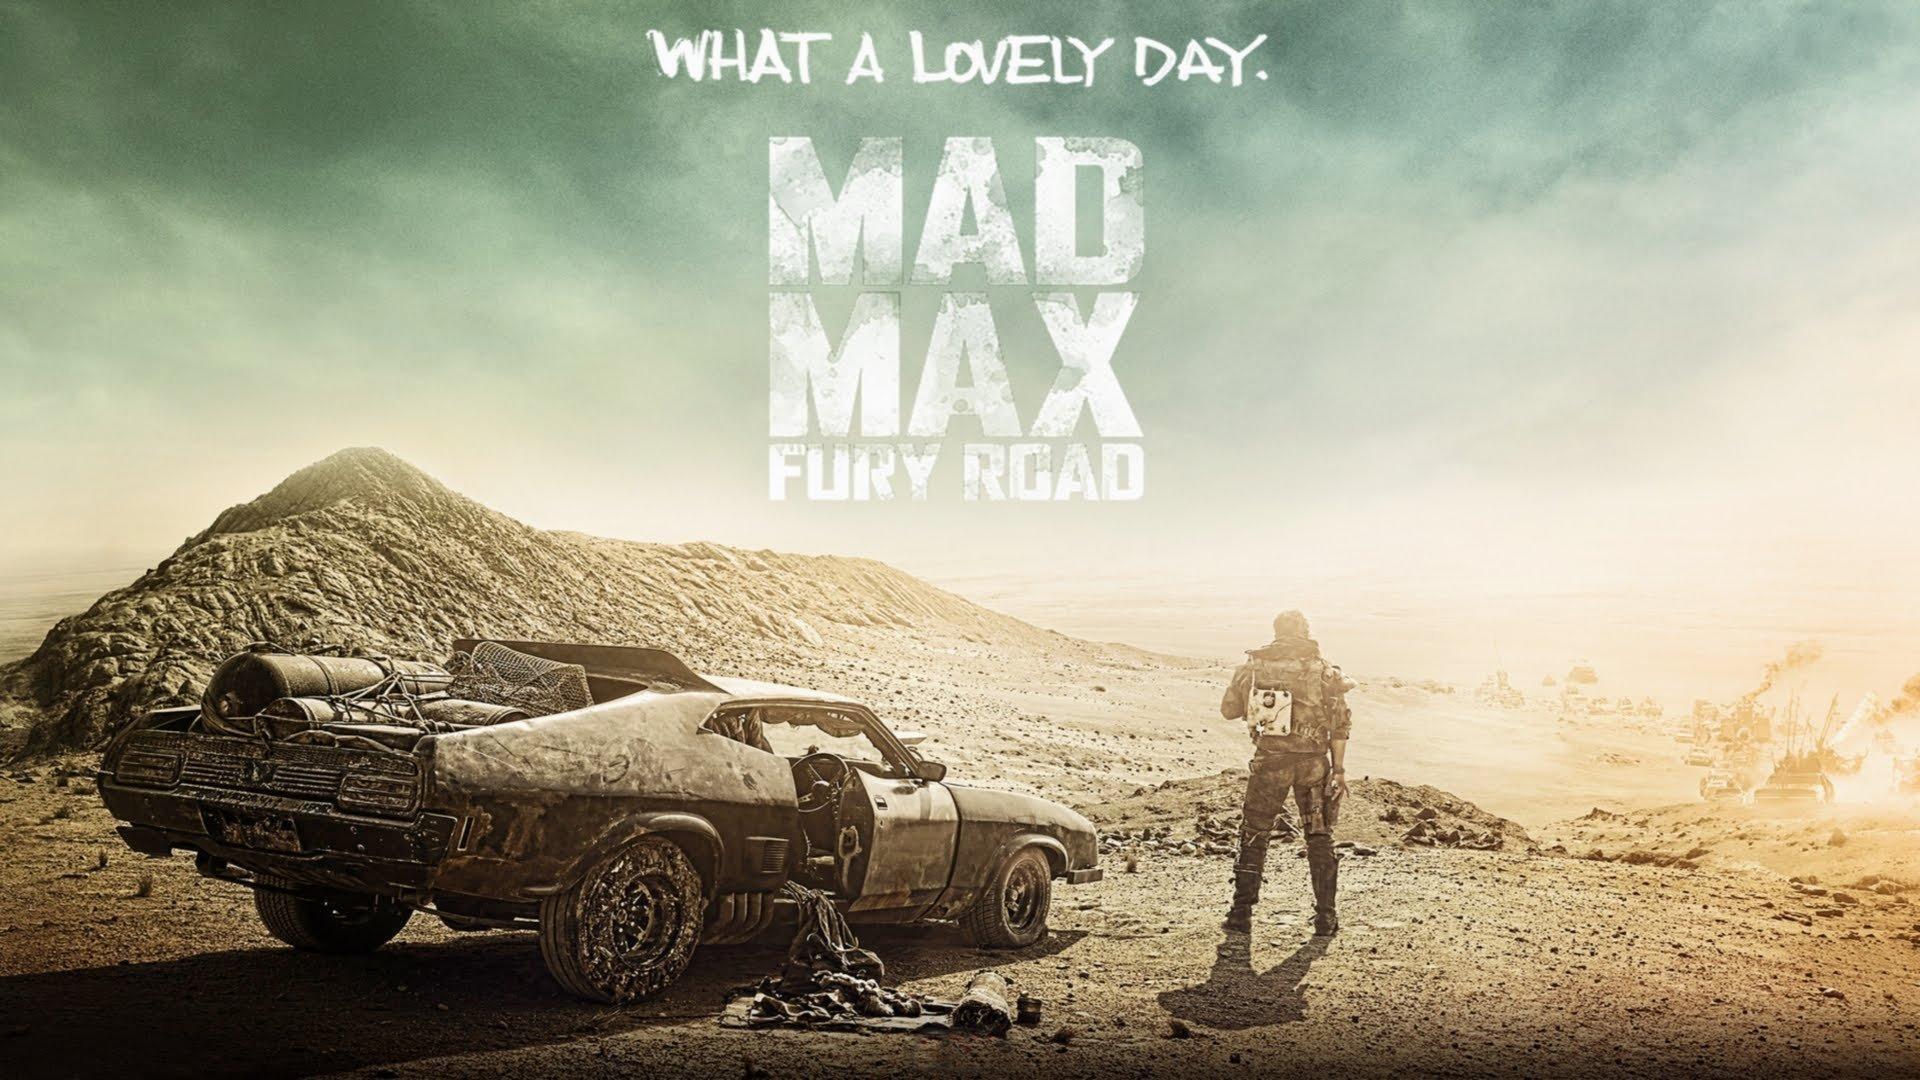 1920x1080 Immortan Joe - Mad Max: Fury Road 1920x1080 wallpaper